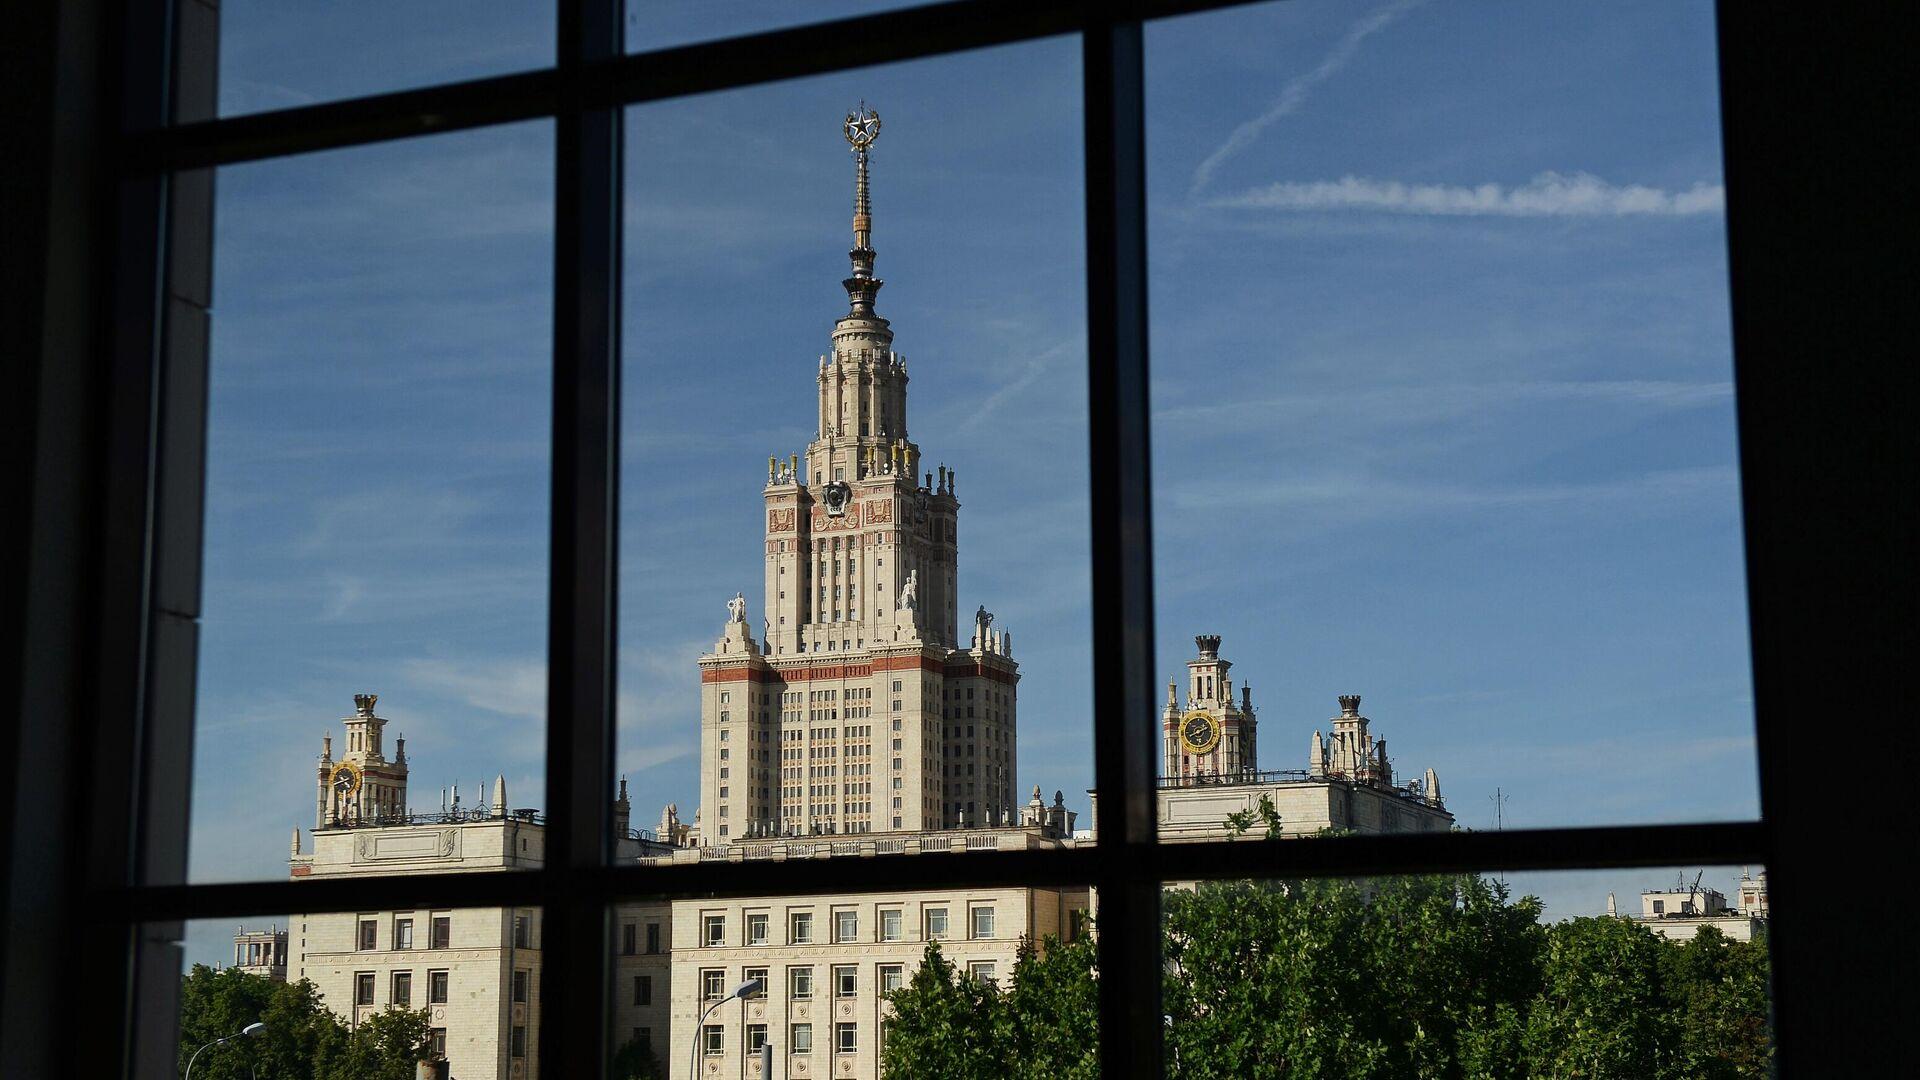 Вид на здание Московского государственного университета имени М.В. Ломоносова - РИА Новости, 1920, 11.11.2020